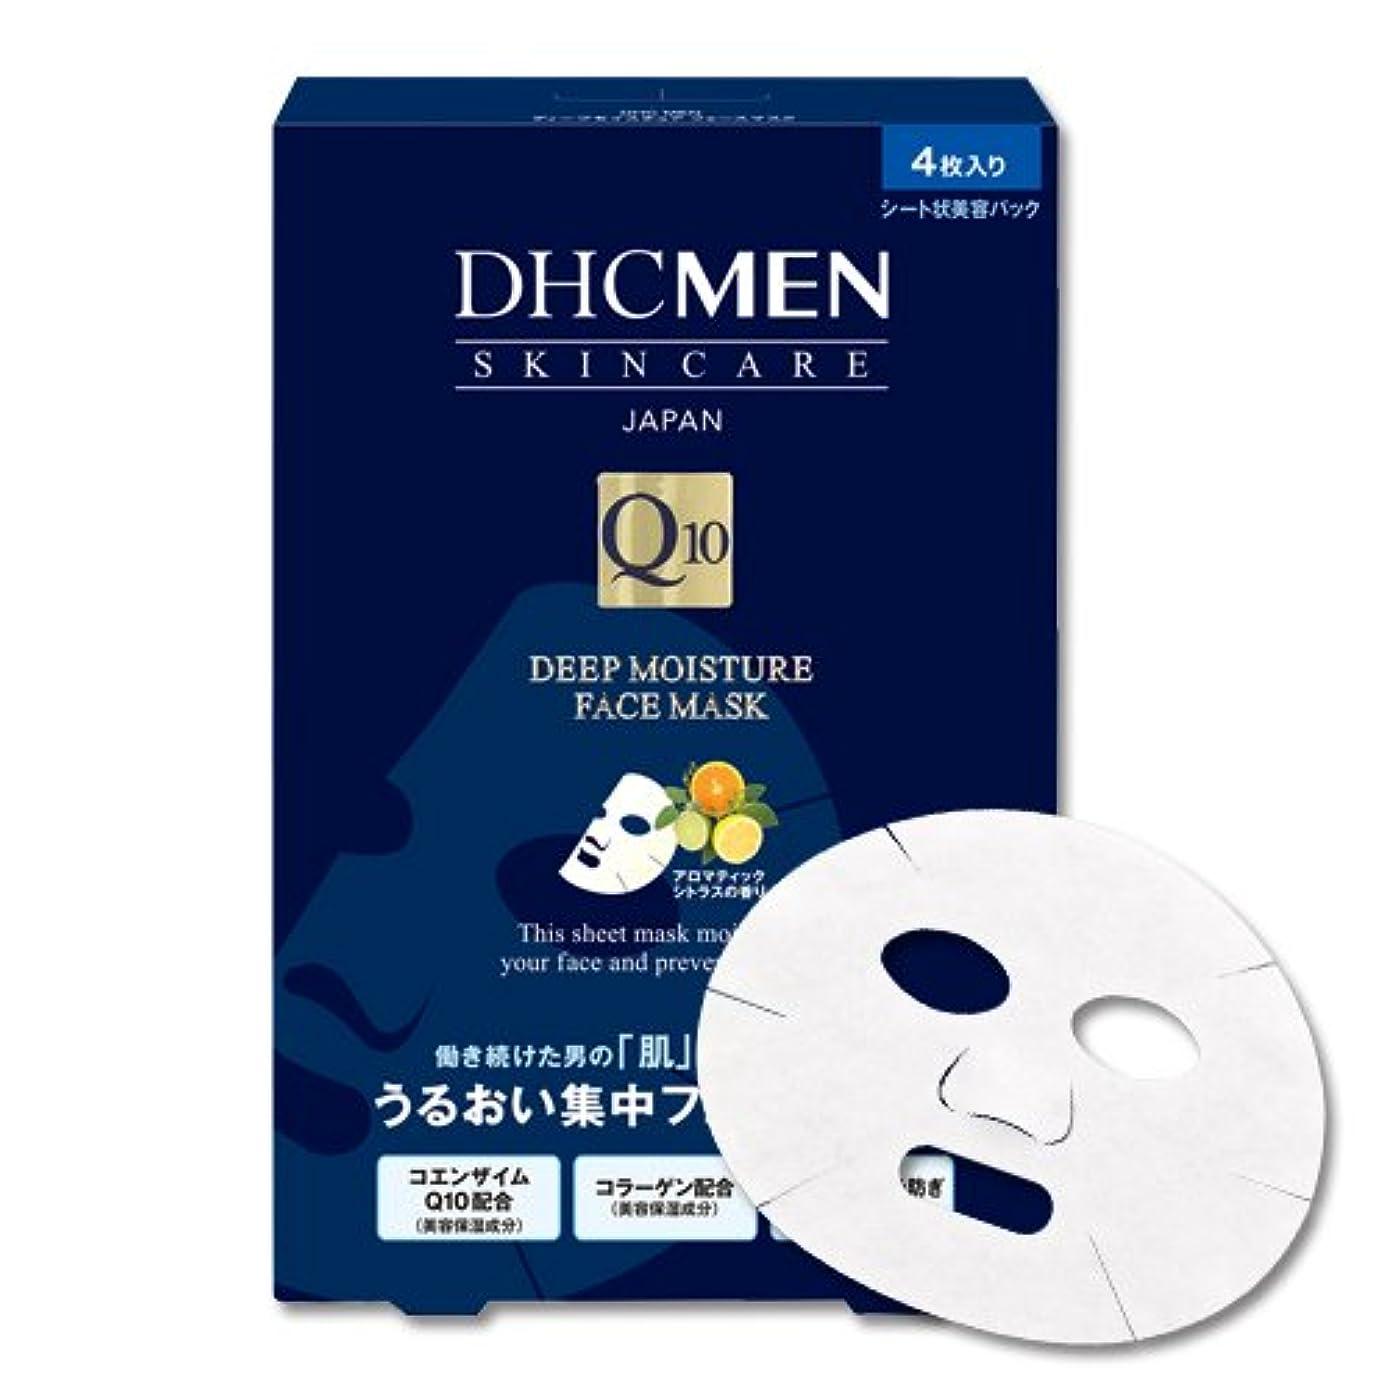 月面ブレーキ明示的にDHC MEN ディープモイスチュア フェースマスク